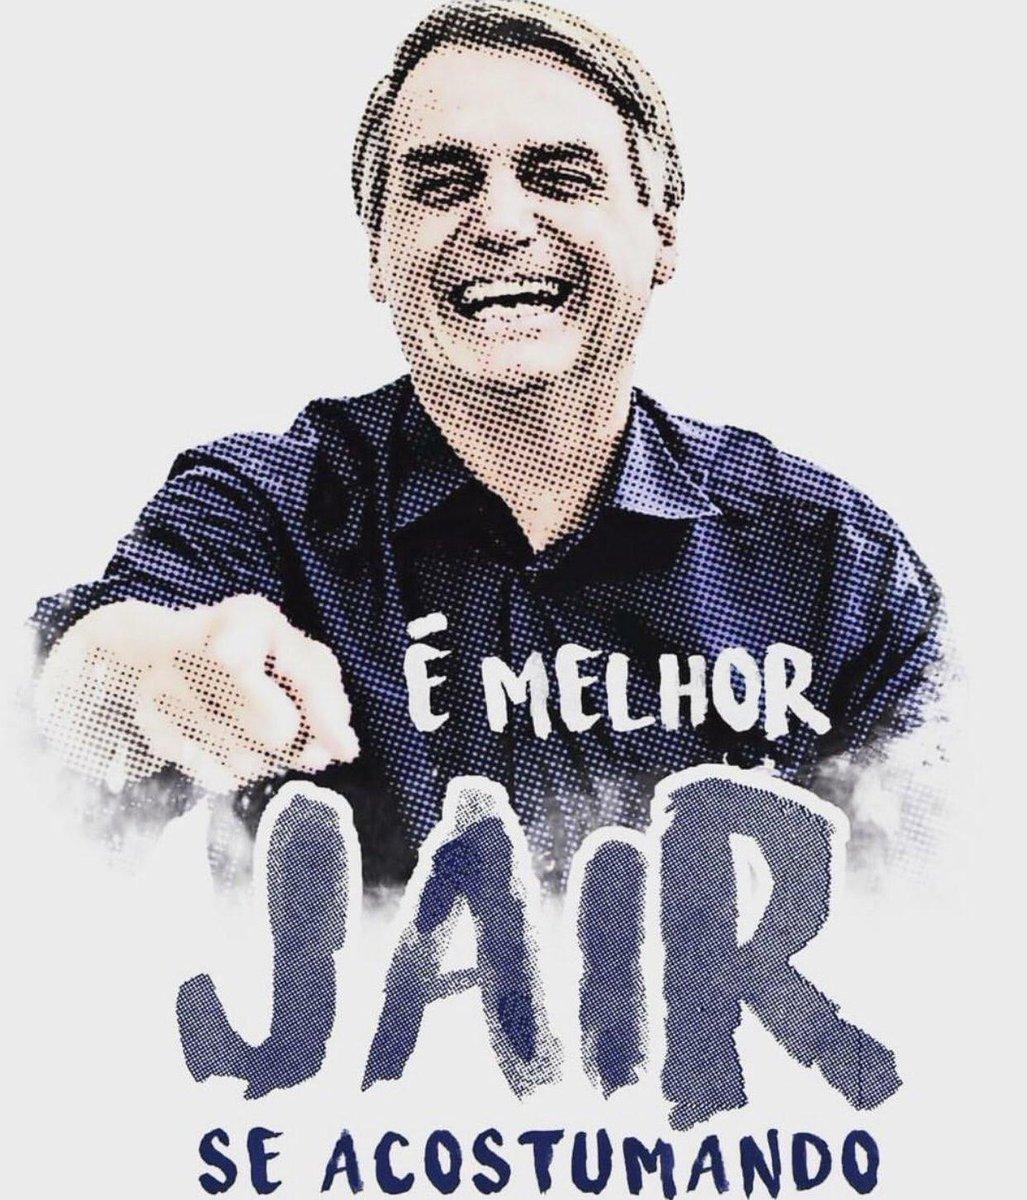 @VEJA Parabéns, presidente @jairbolsonaro! As mudanças estão chegando, cada vez mais! #BolsonaroOrgulhaOBrasil https://t.co/lk0s0ZCLQf